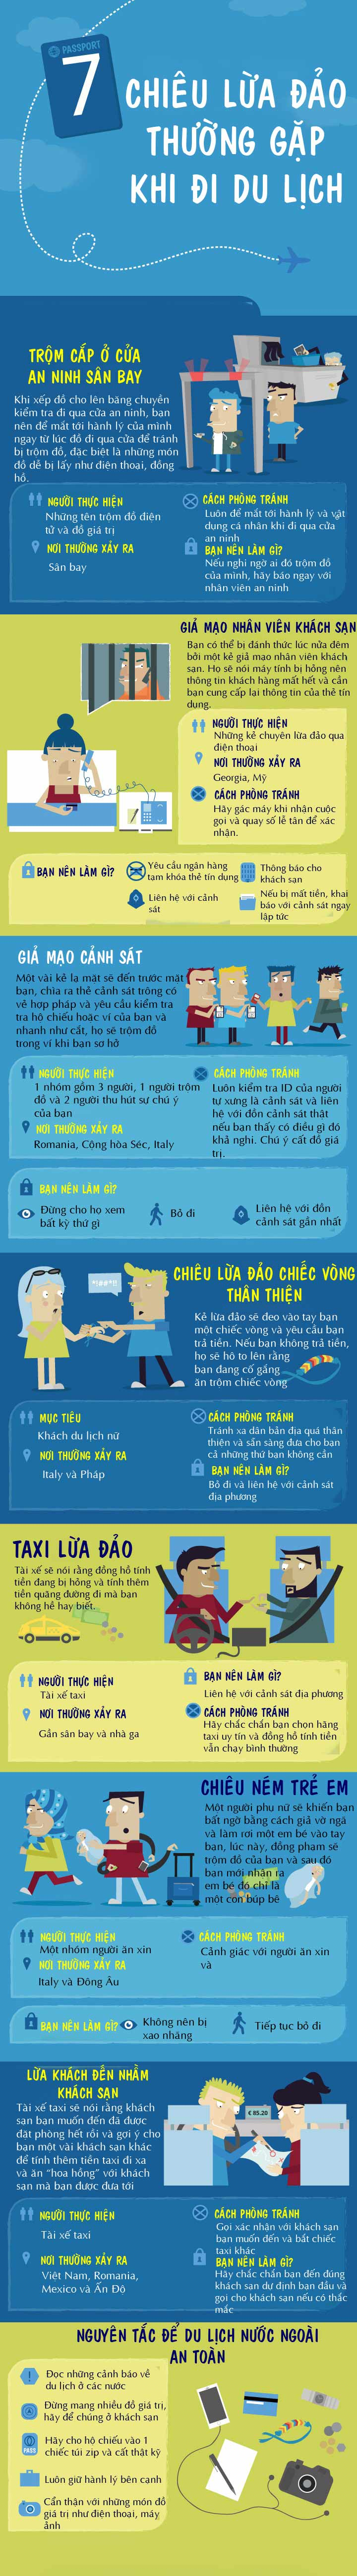 7-chieu-lua-dao-thuong-gap-khi-di-du-lich